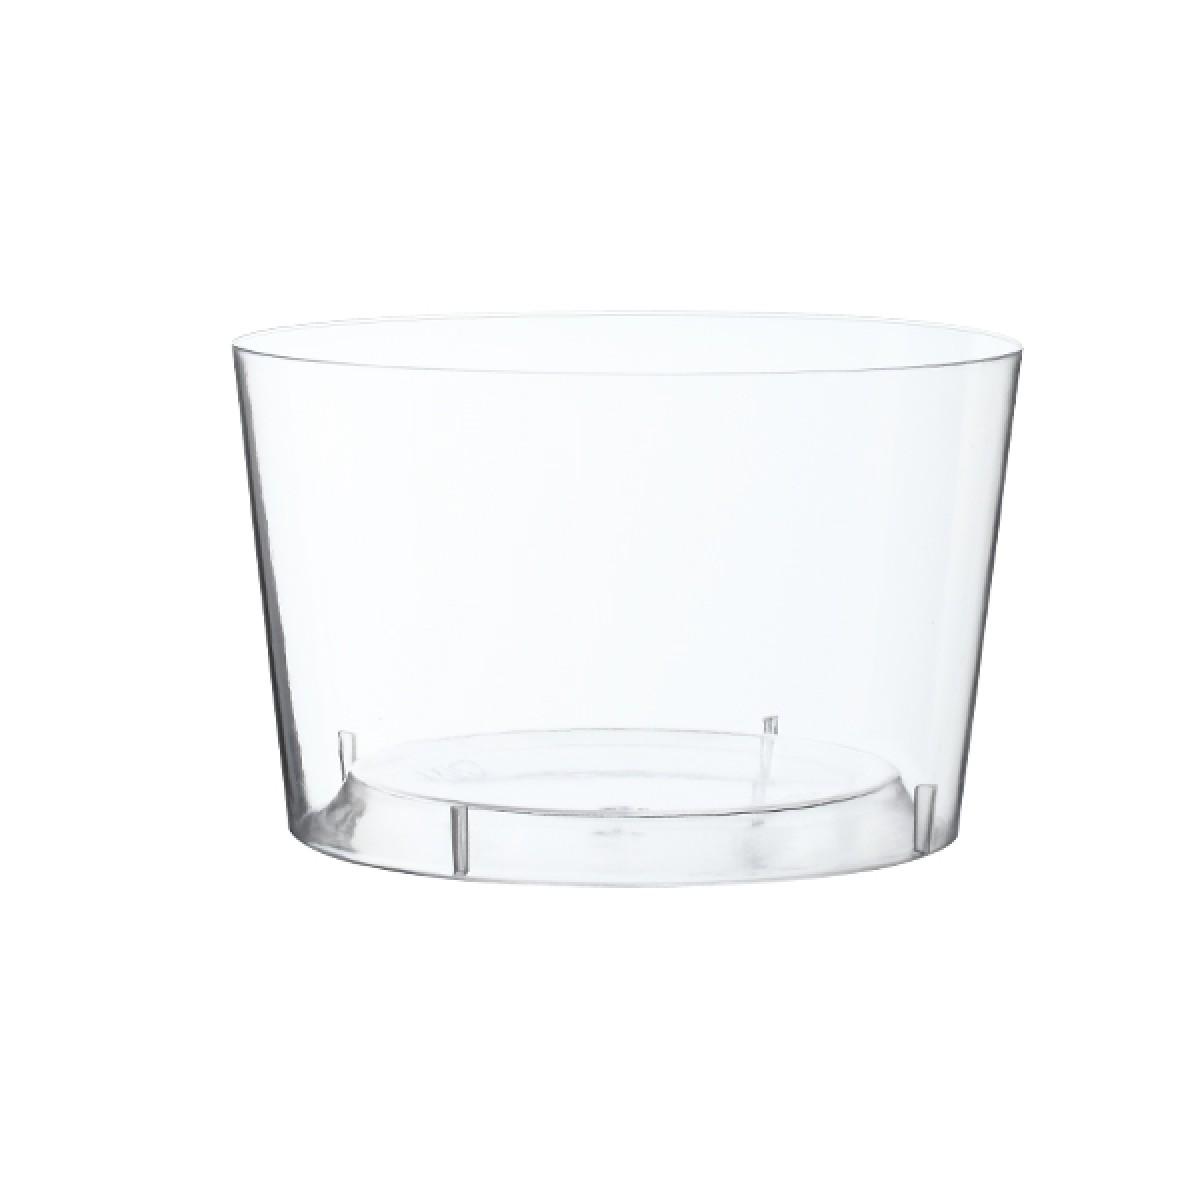 vaisselle verres et couverts gb traiteur. Black Bedroom Furniture Sets. Home Design Ideas